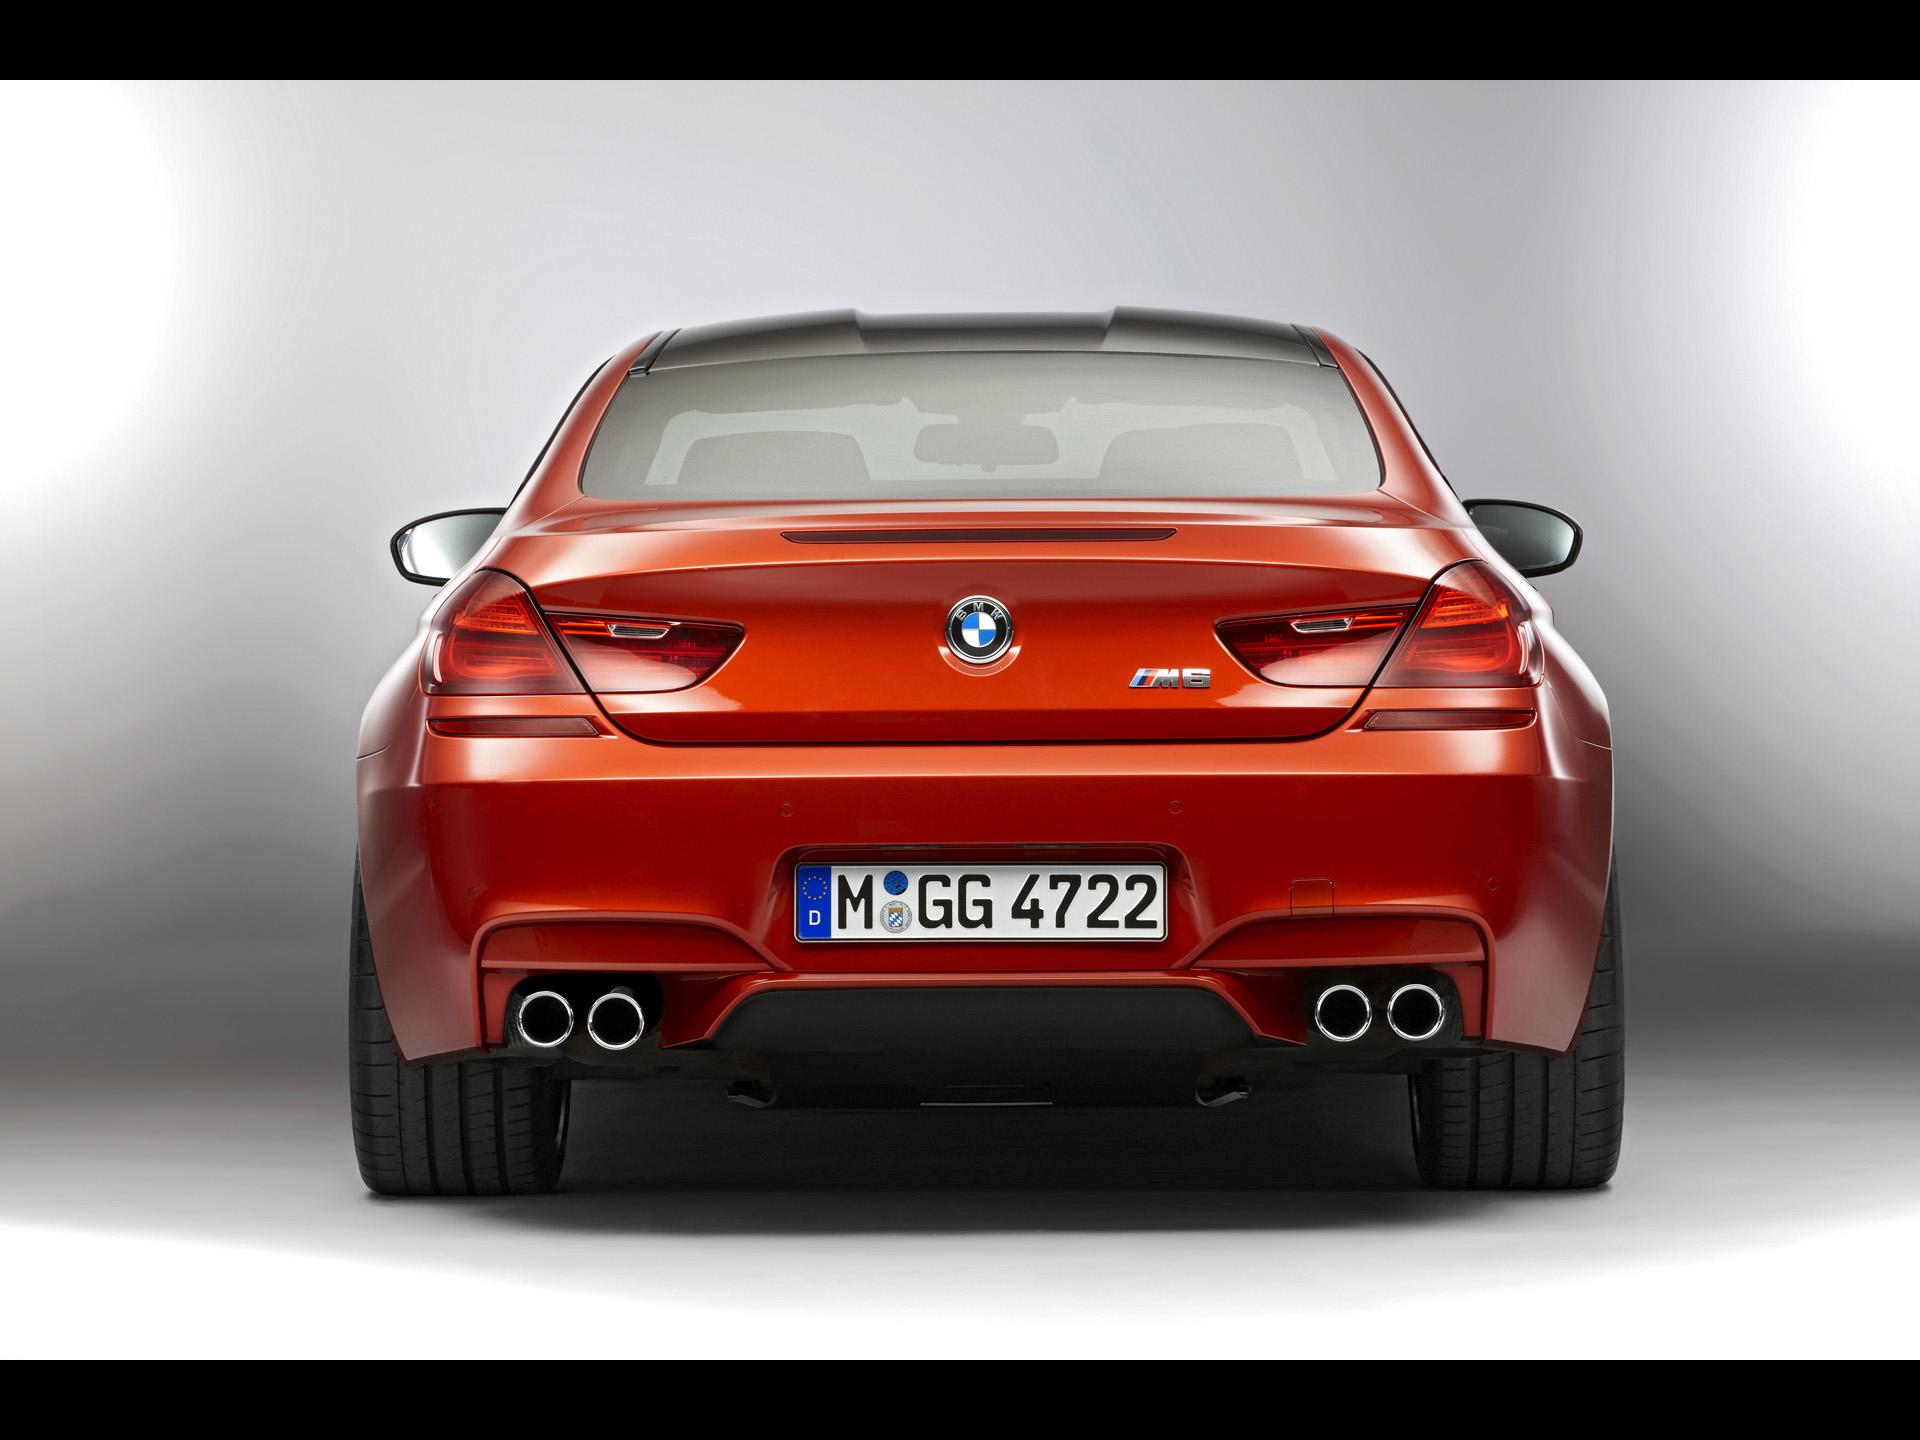 Bmw M6 Coupe Bmw Wallpaper 29312032 Fanpop